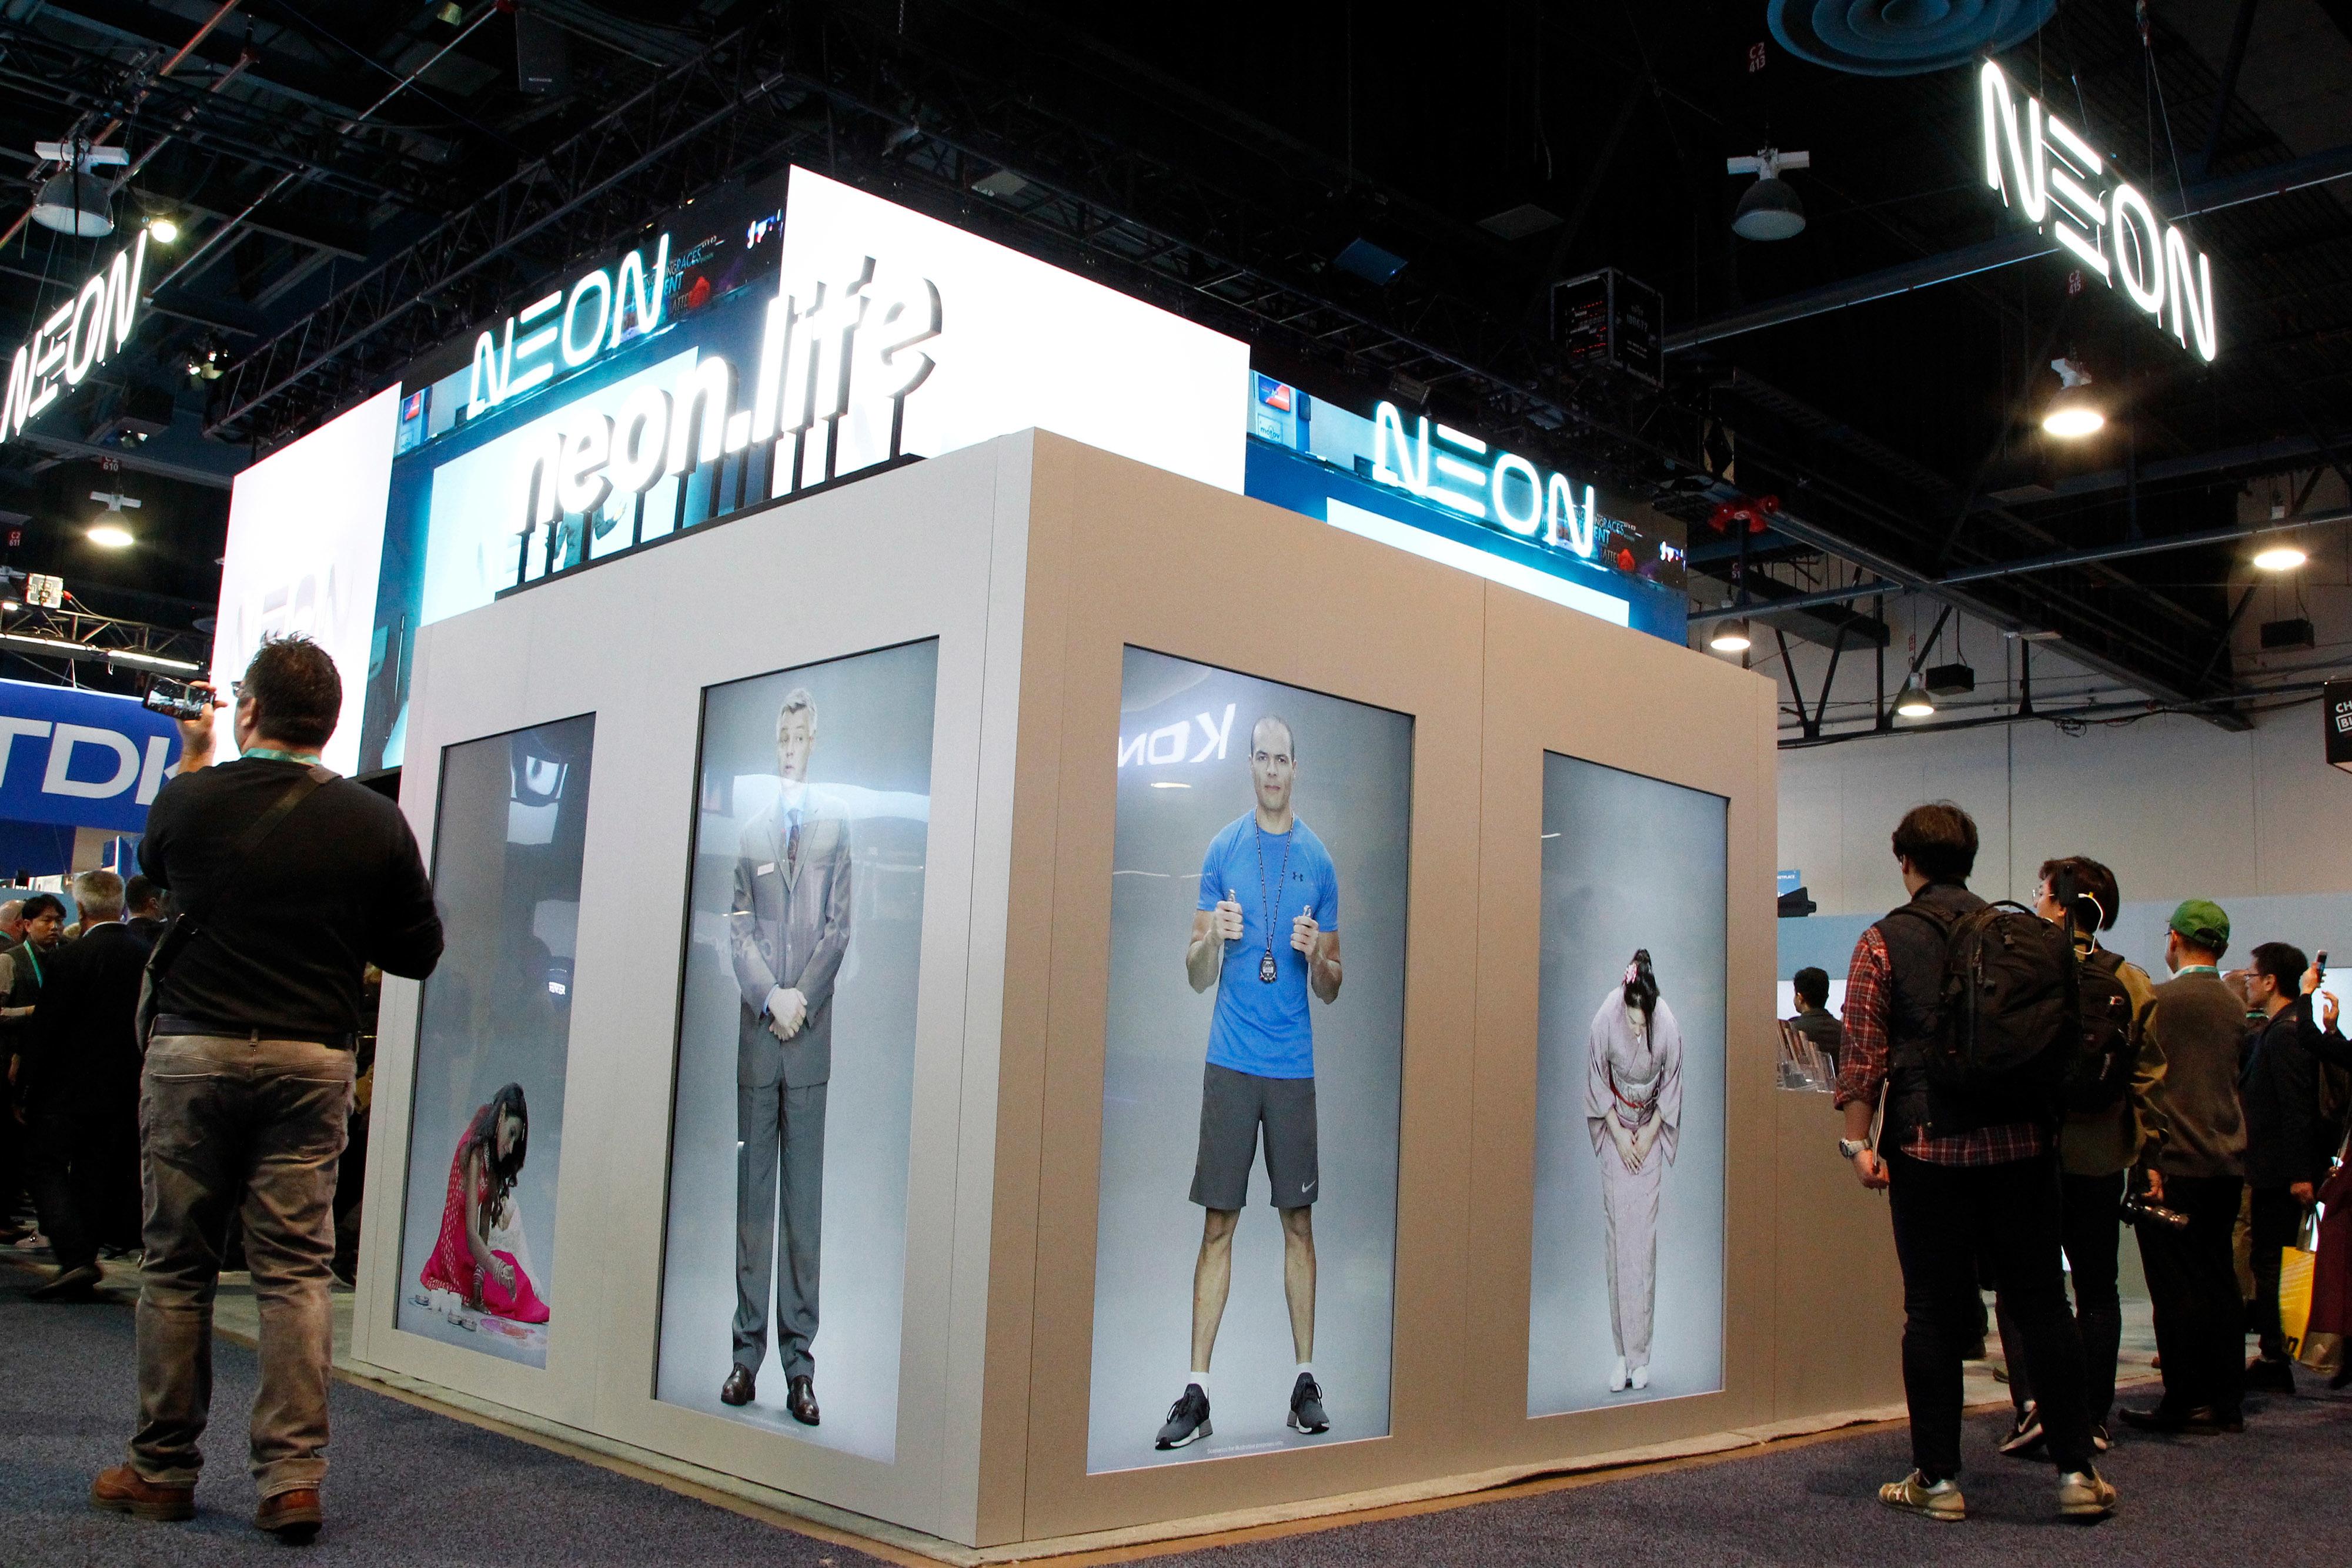 Samsungs NEON: Das ist über die digitalen Avatare bekannt